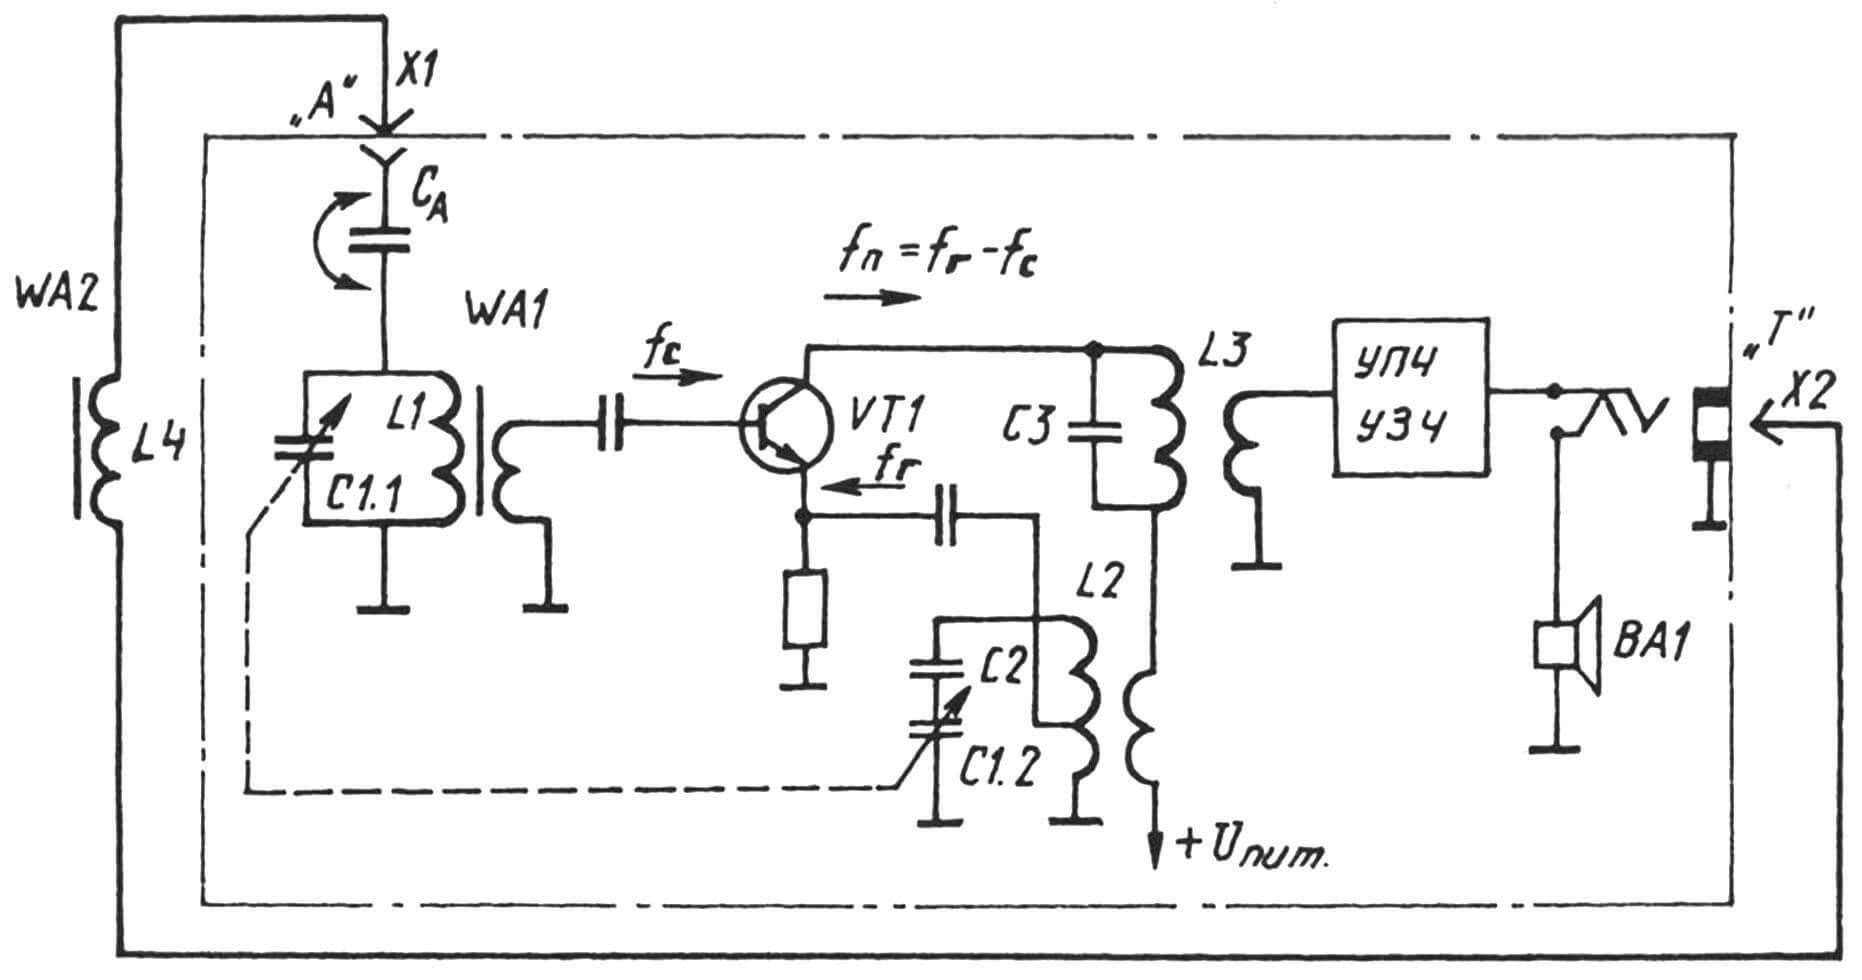 Фрагмент принципиальной электрической схемы типового супергетеродинного радиоприемника СВ и ДВ диапазонов